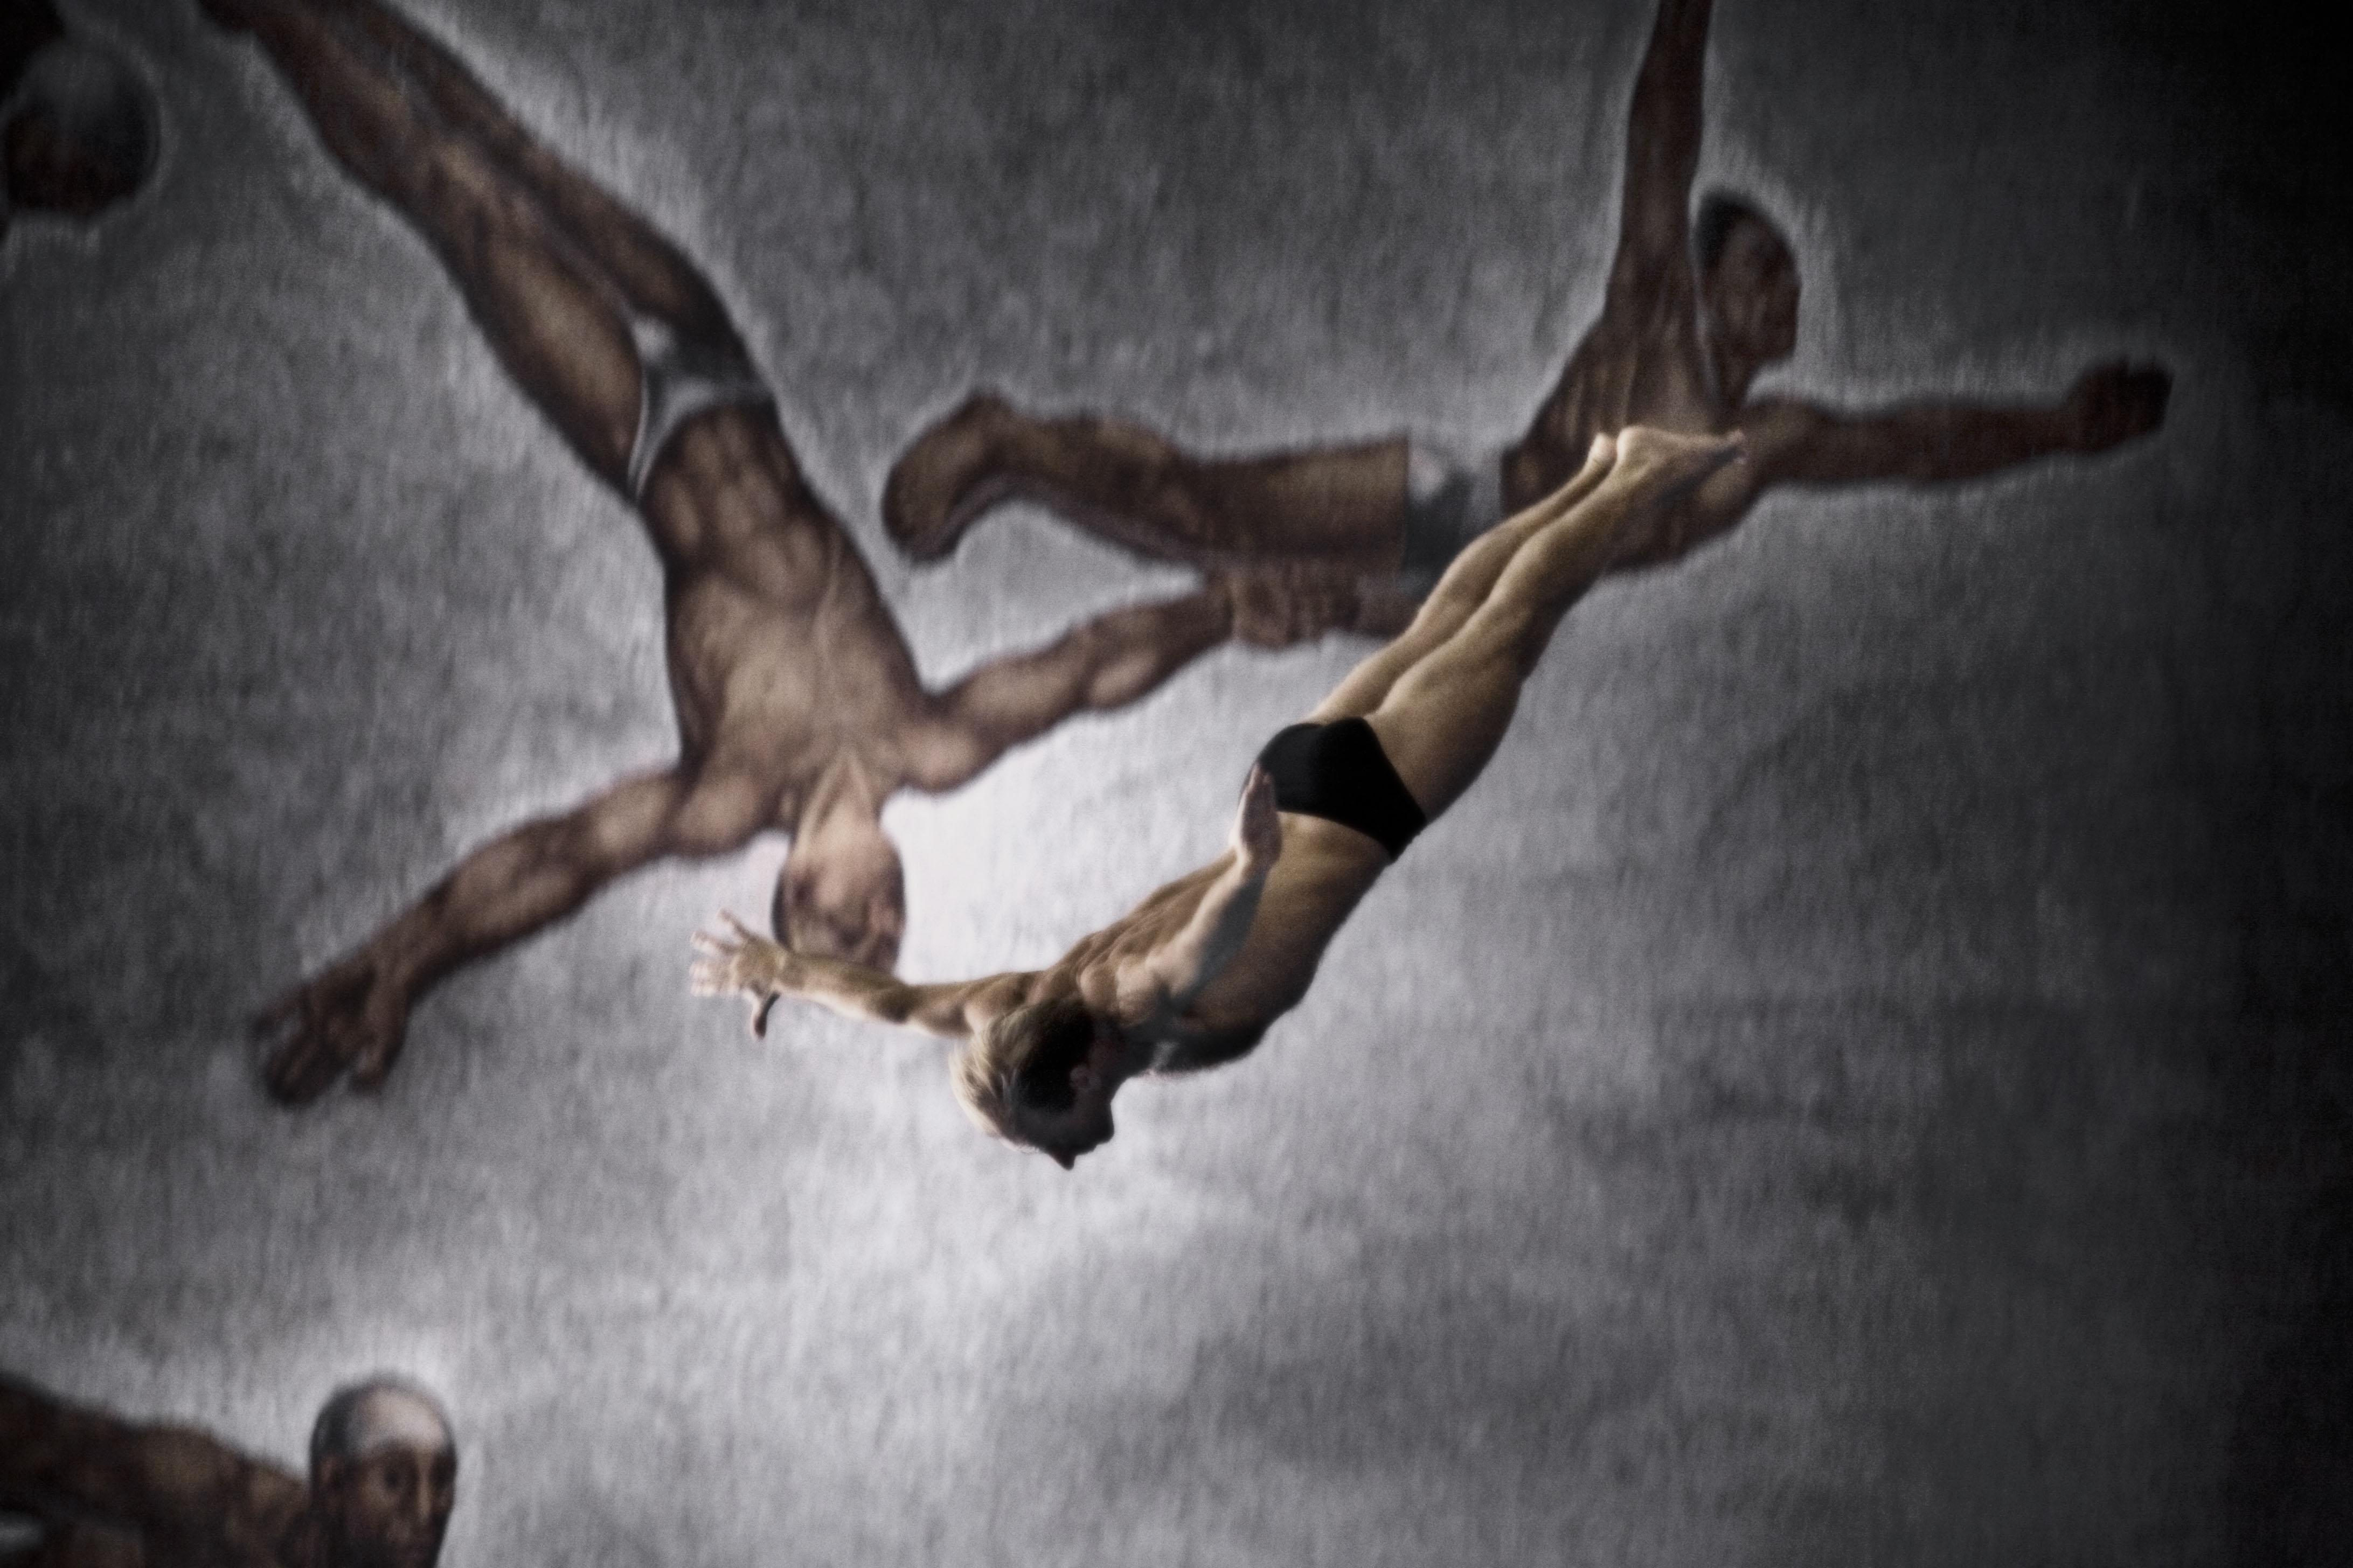 a Migliora Senza titolo (Forever Overhead, foto 1), 2010 Stampa lambda a colori, su alluminio 114x169 cm Edition of 5 © Marzia Migliora Courtesy Galleria Lia Rumma Milano/Napoli